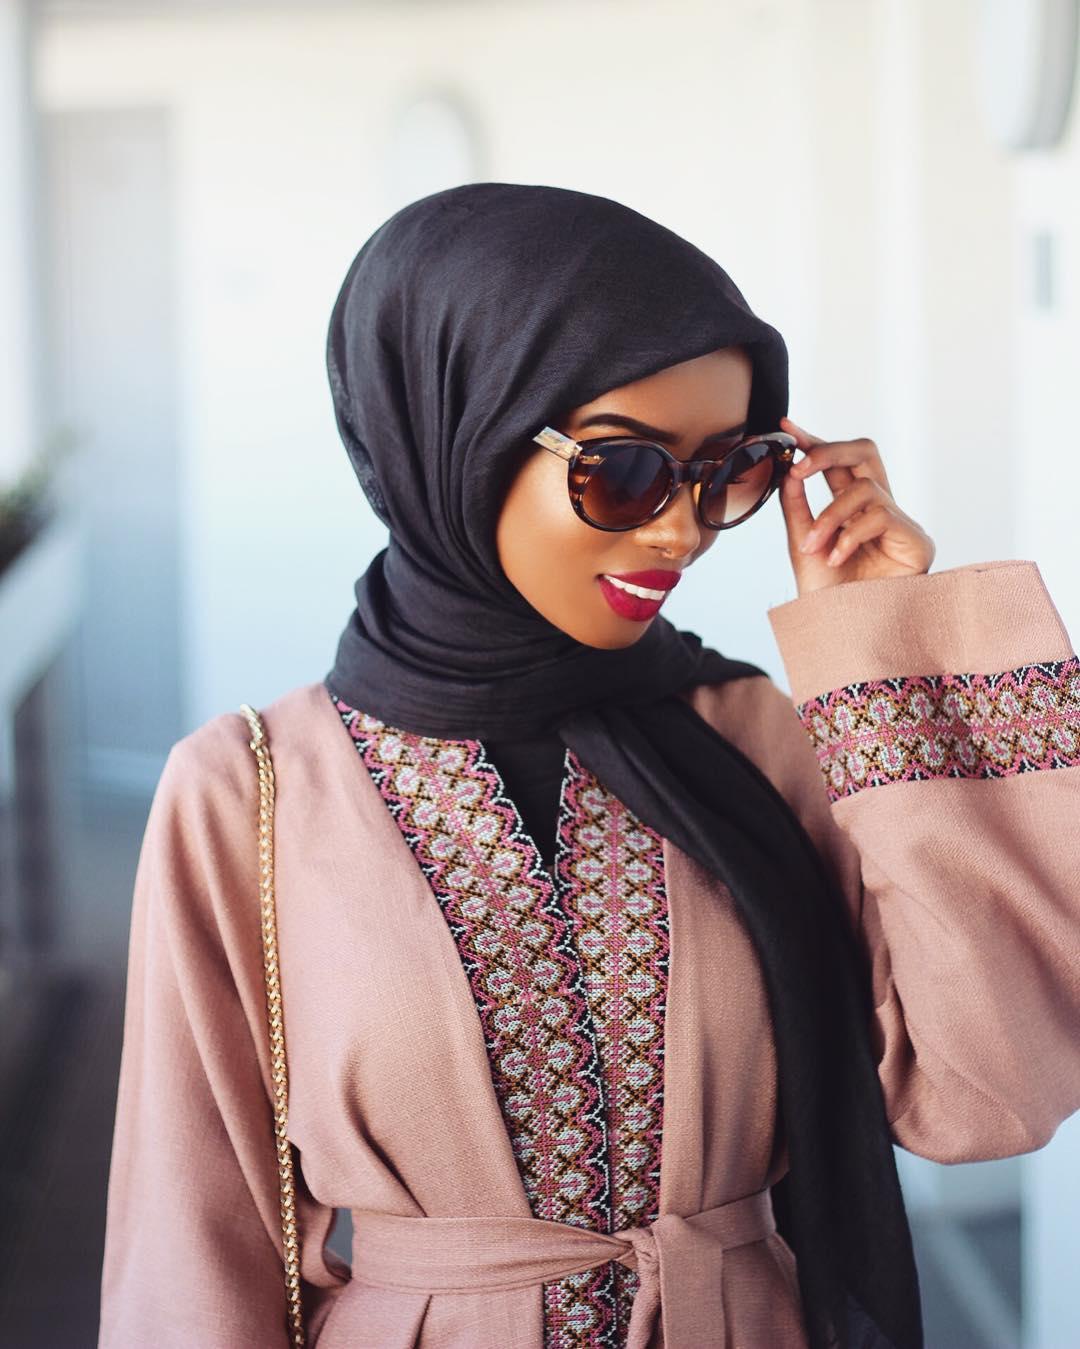 unbelievably_beautiful_women_wearing_hijabs_on_ig_04